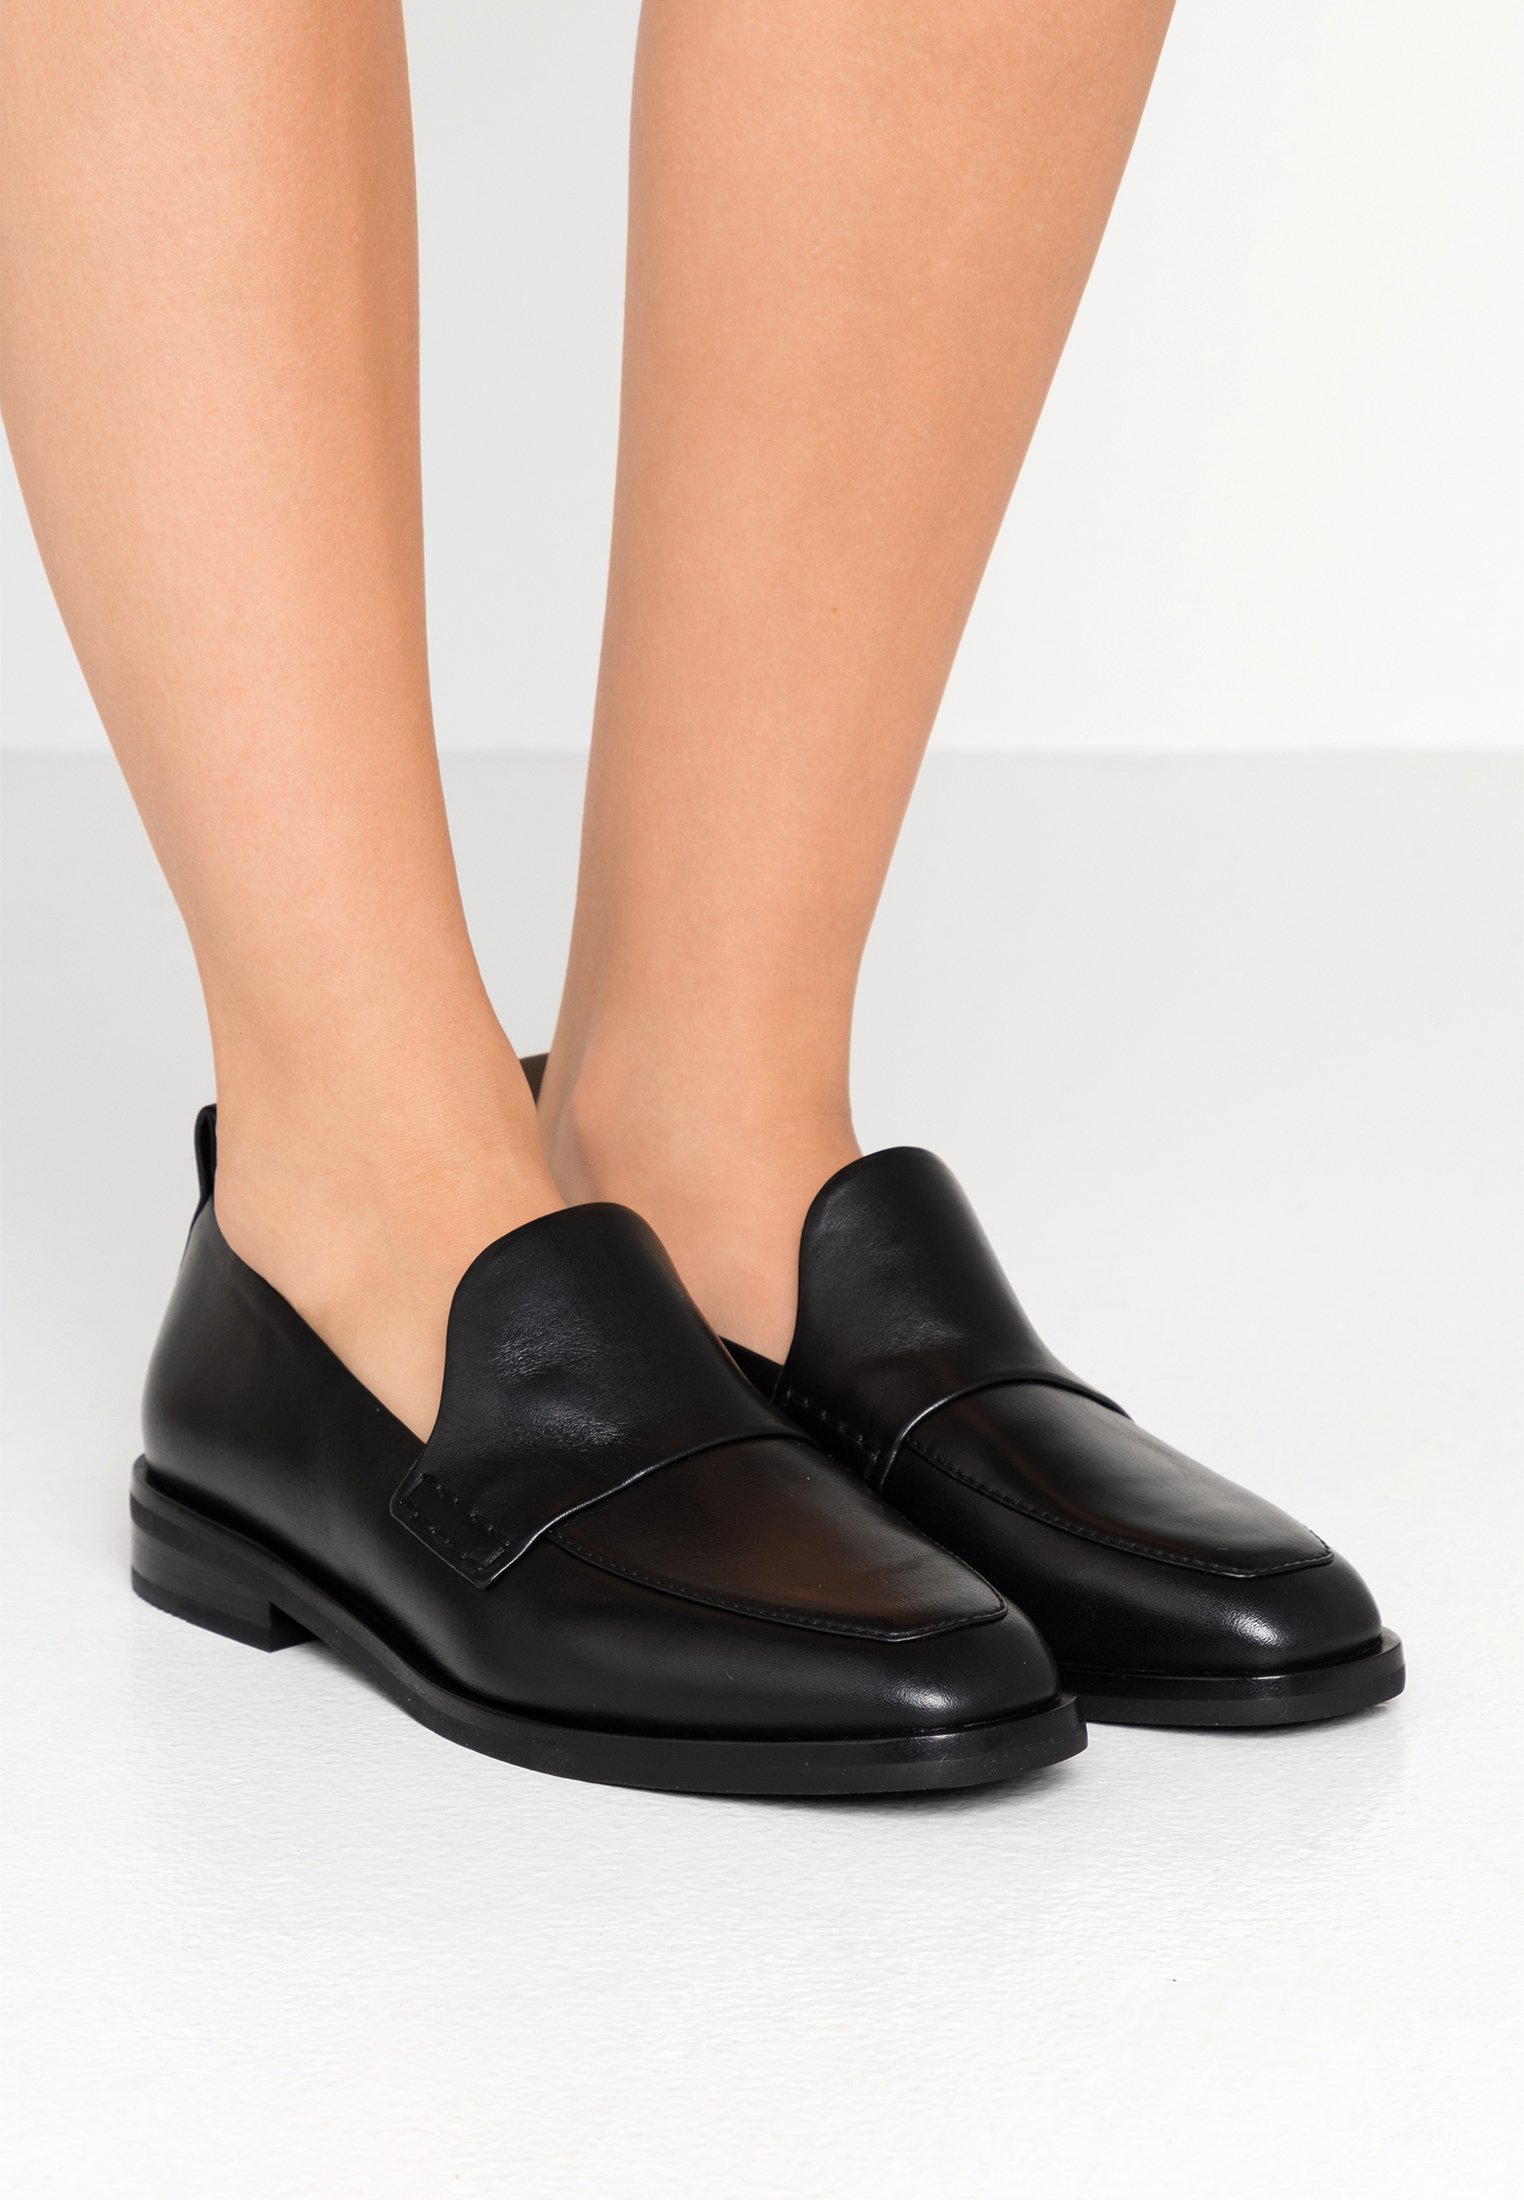 3.1 Phillip Lim ALEXA LOAFER - Scarpe senza lacci black